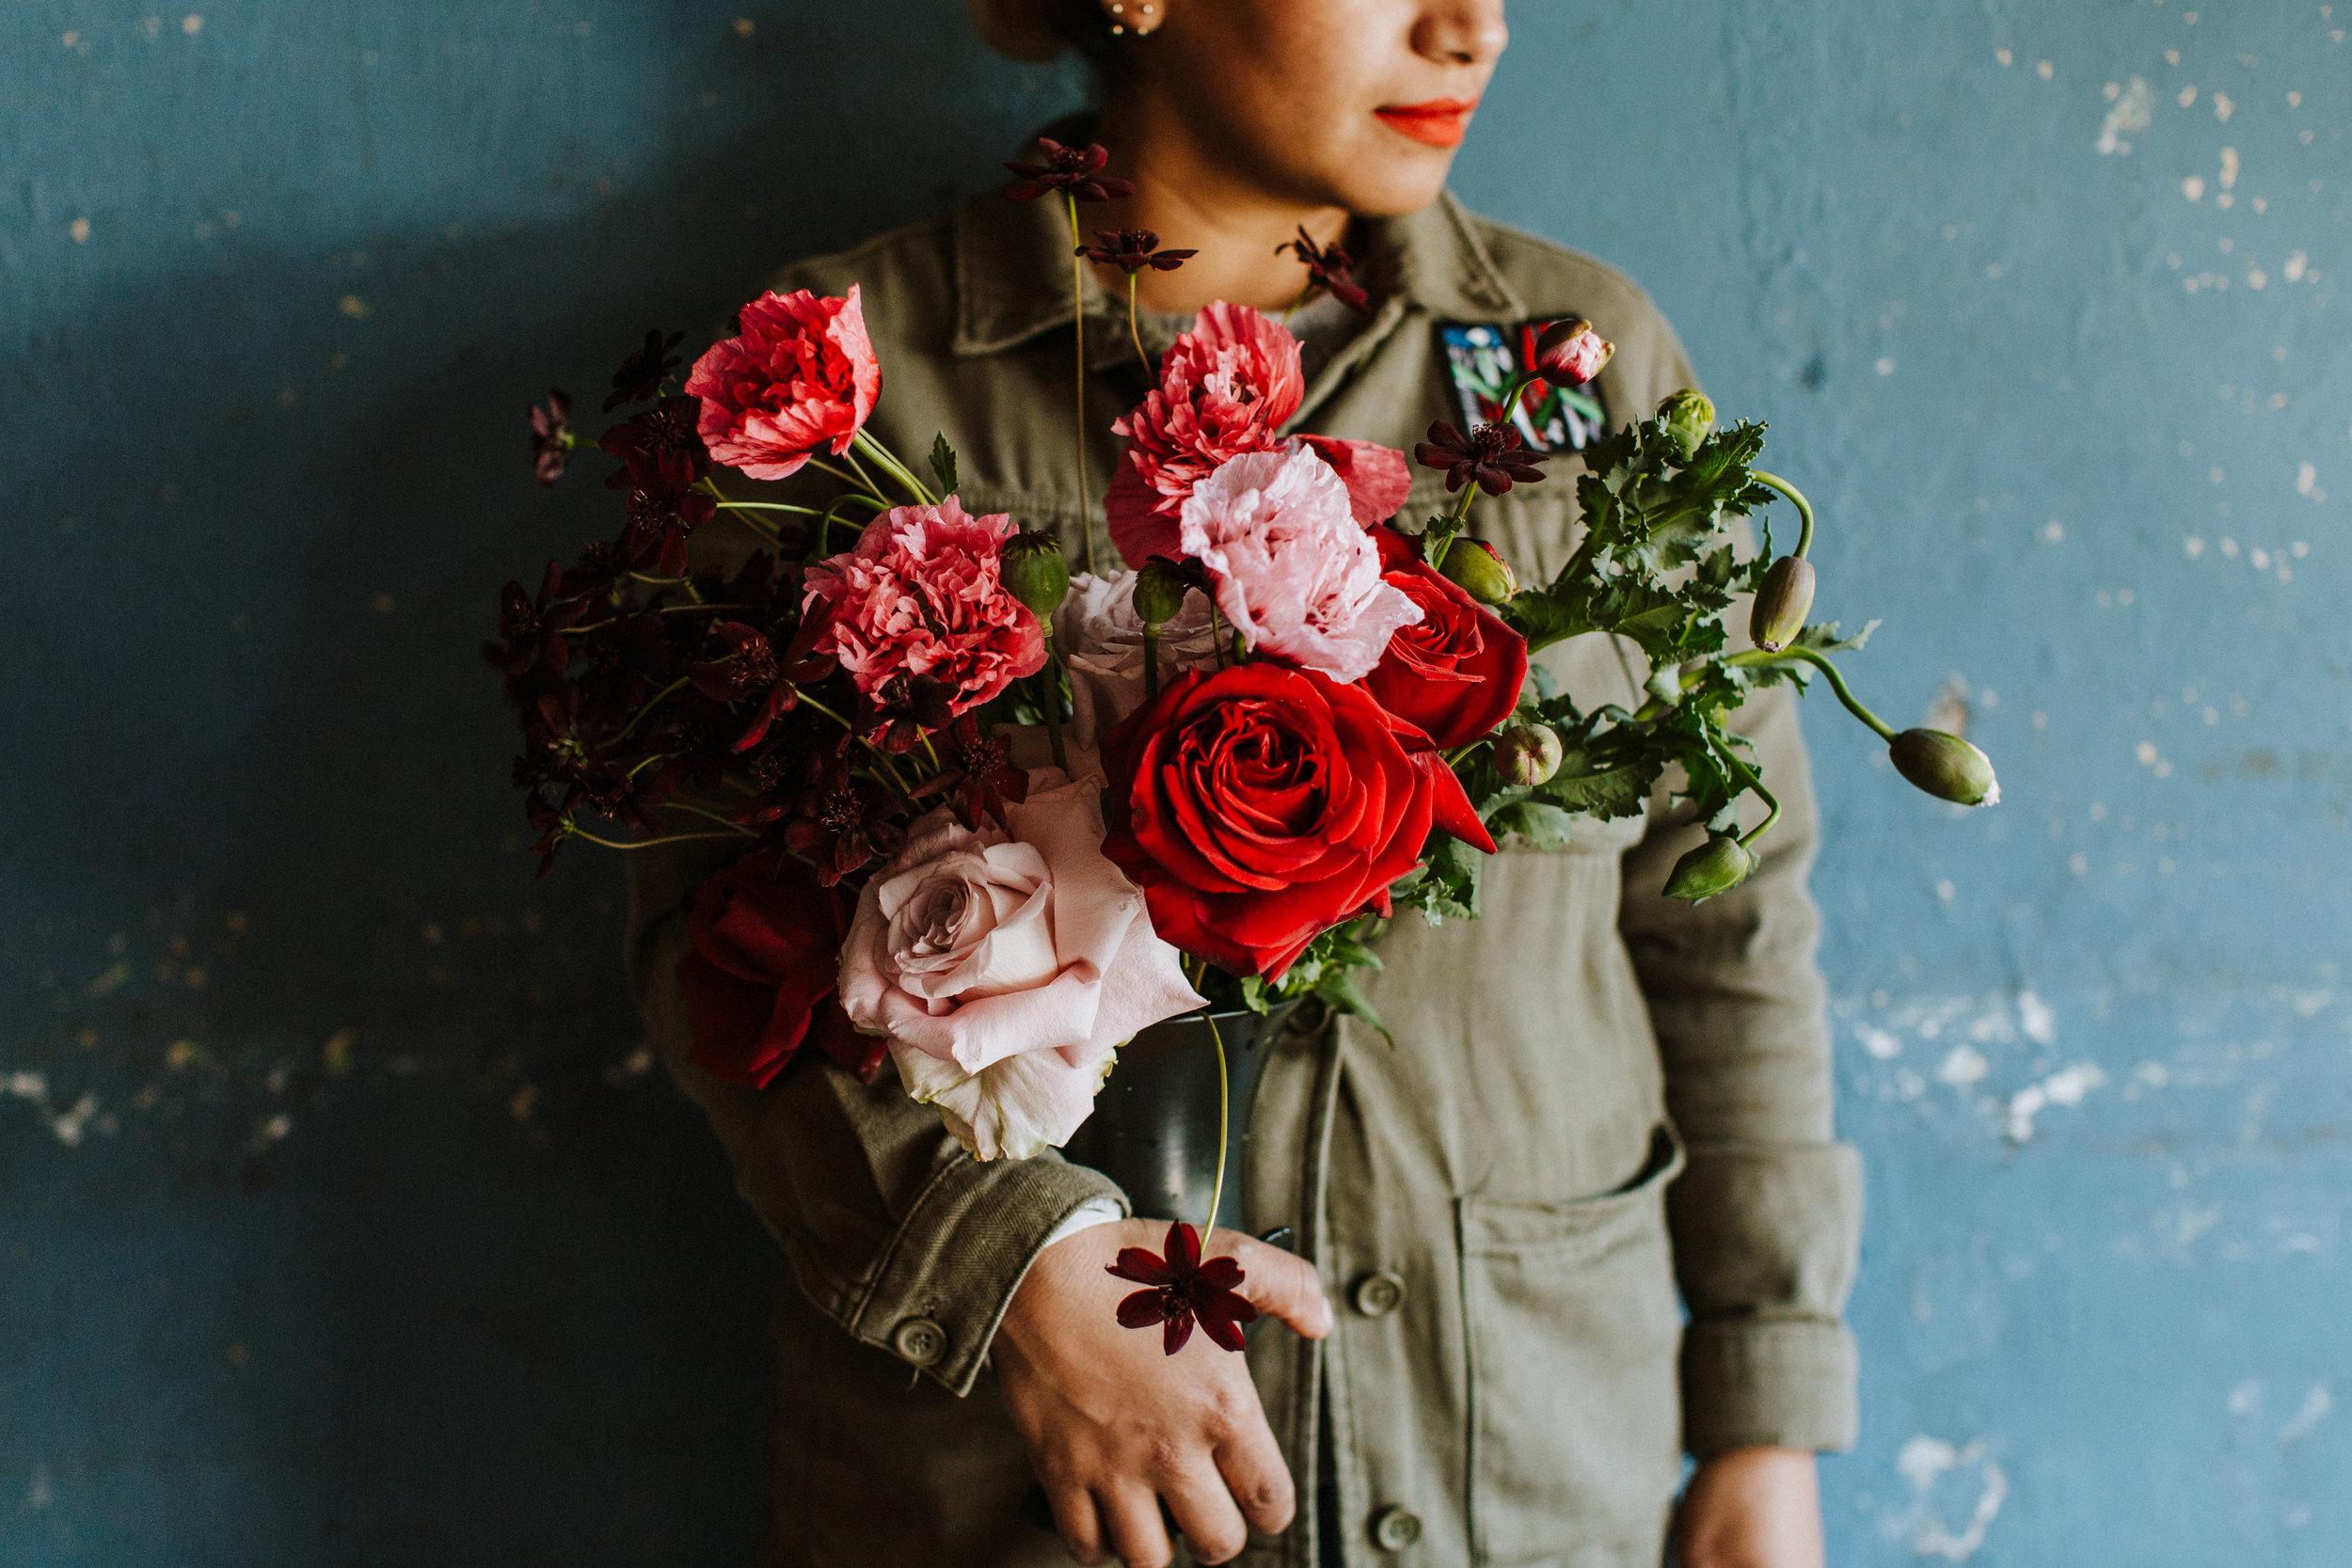 The Flowerseekers_by_Luisa Brimble-190 (3) copy.jpg